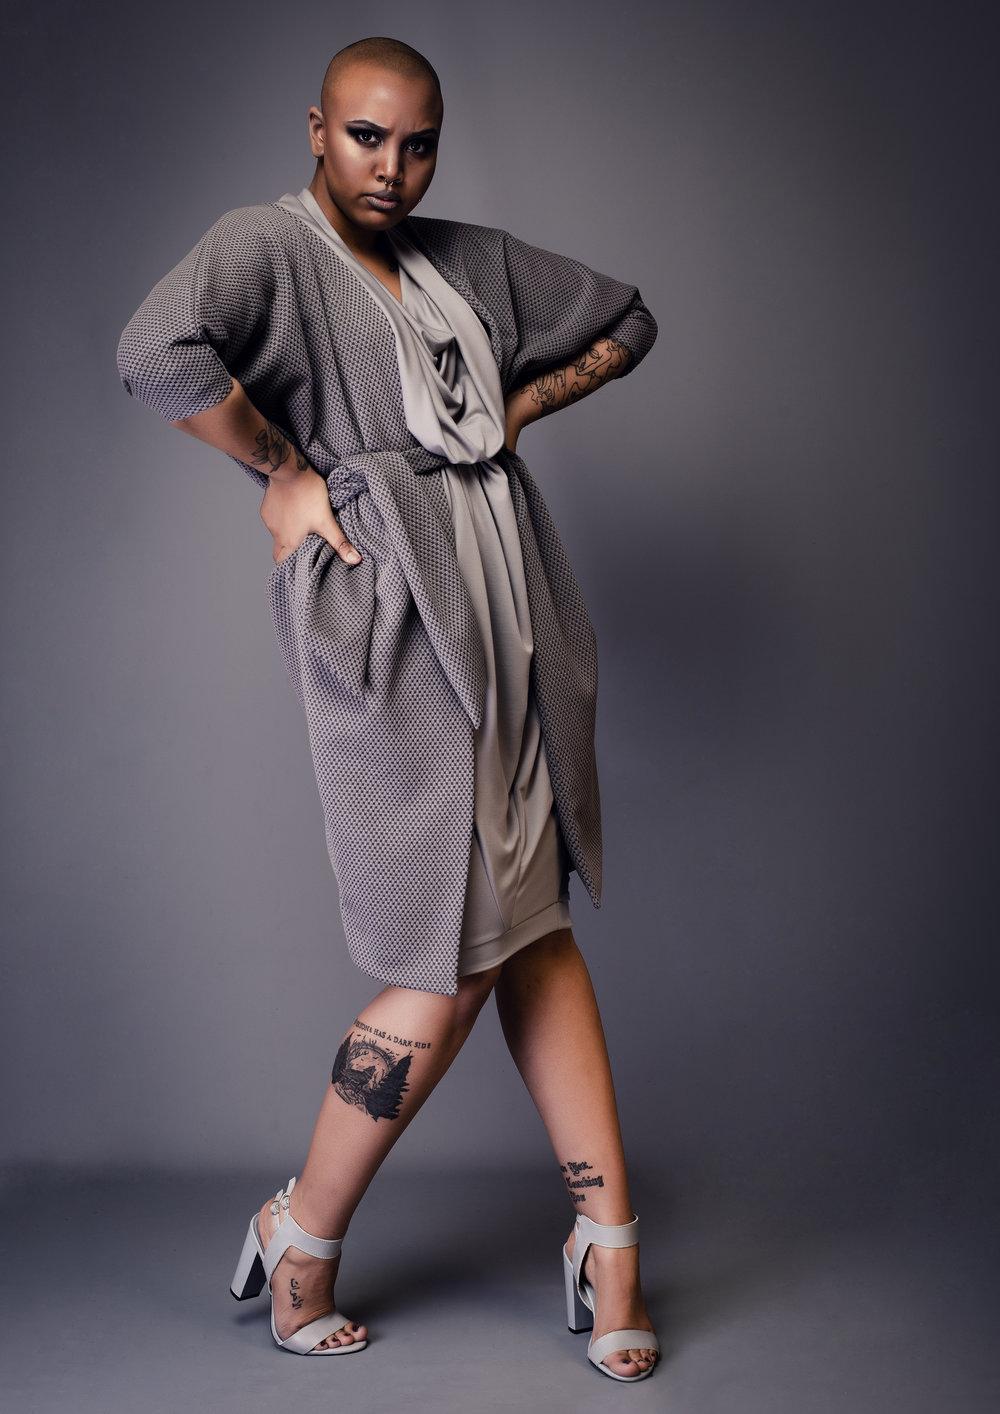 zaramia-ava-zaramiaava-leeds-fashion-designer-leedsfashiondesigner-stylist-leeds-stylist-leedsstylist-ethical-sustainable-minimalist-versatile-drape-wrap-grey-cowl-aya-ayame-print-styling-8